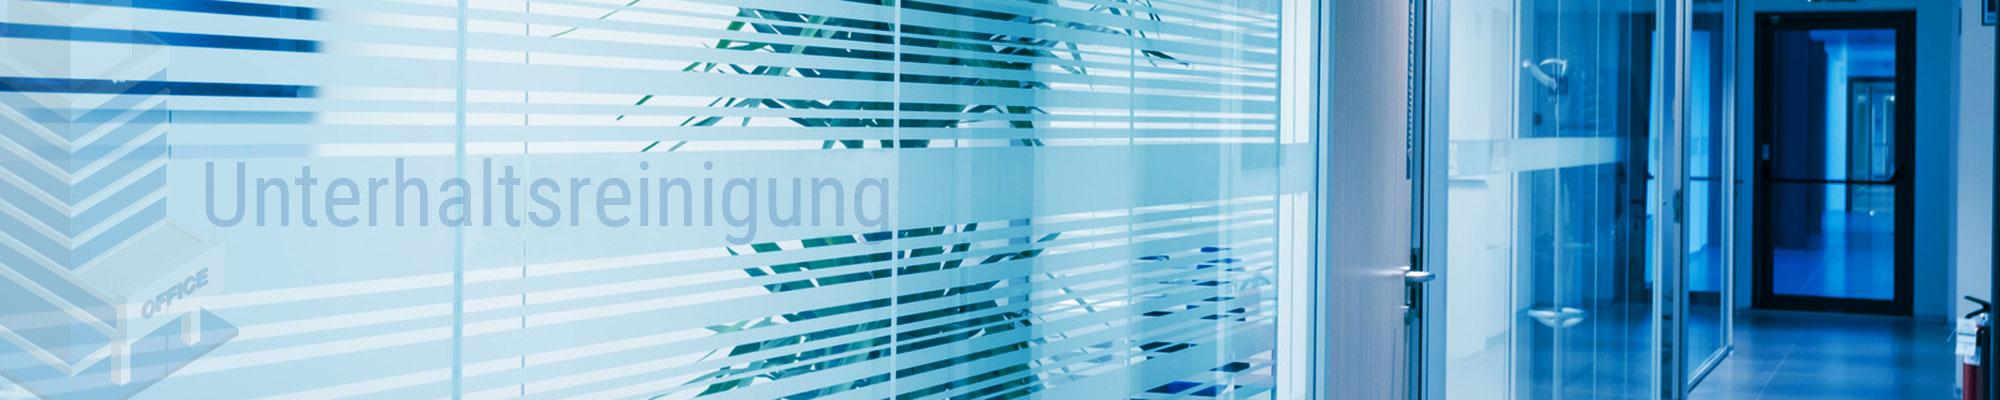 Unterhaltsreinigung - MT Gebäudeservice